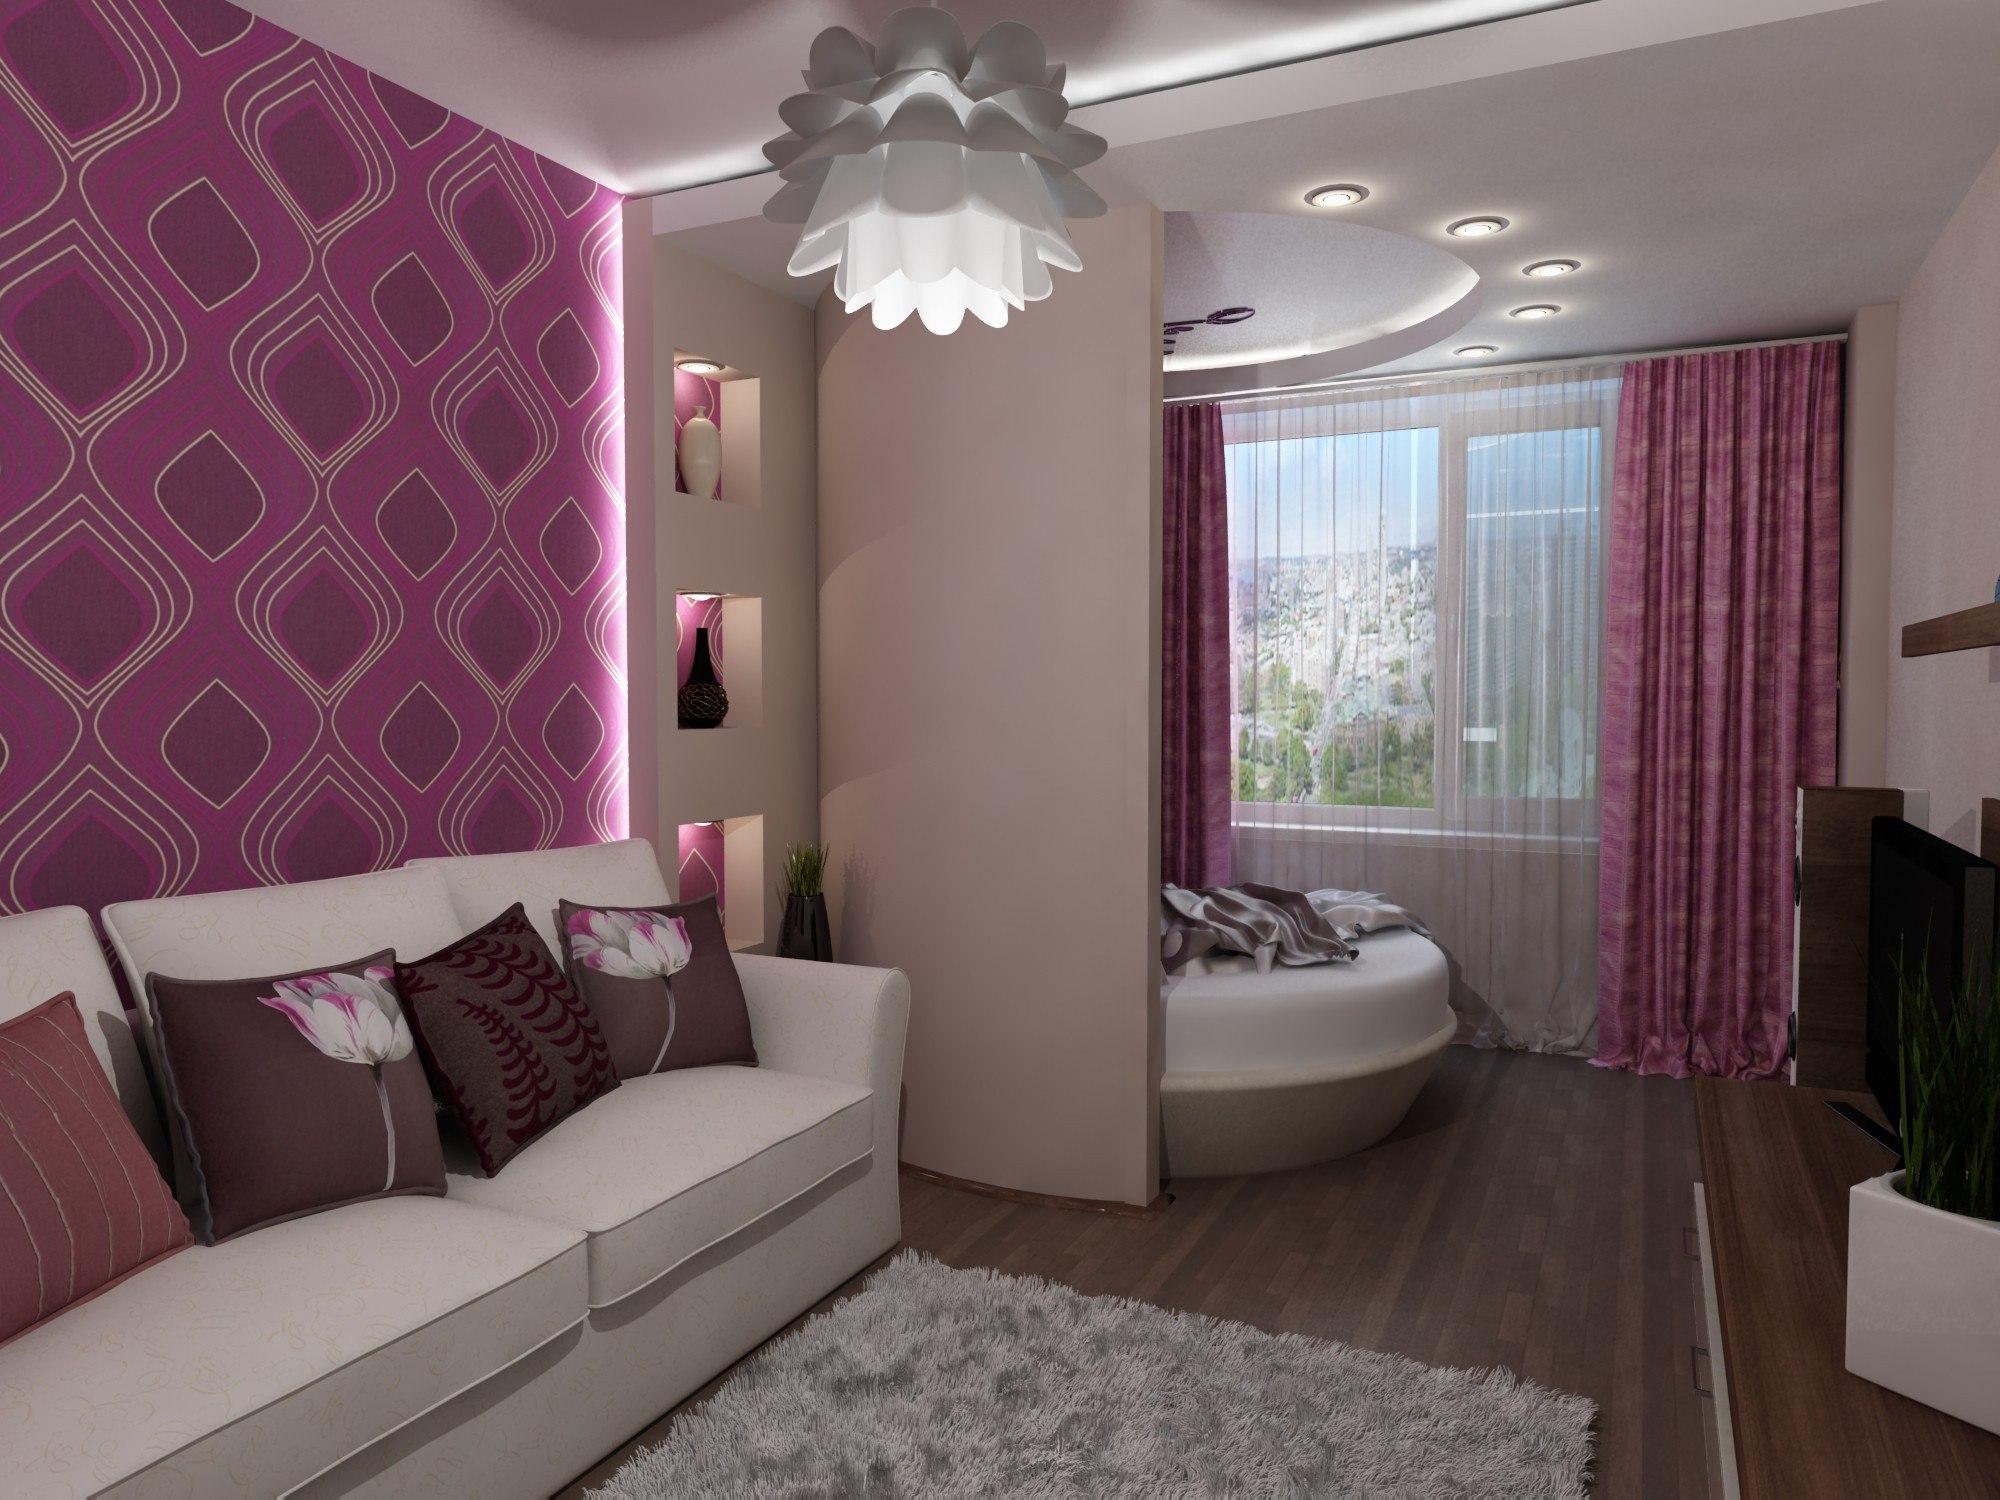 Дизайн гостиной  фото 175 лучших идей интерьера гостиной